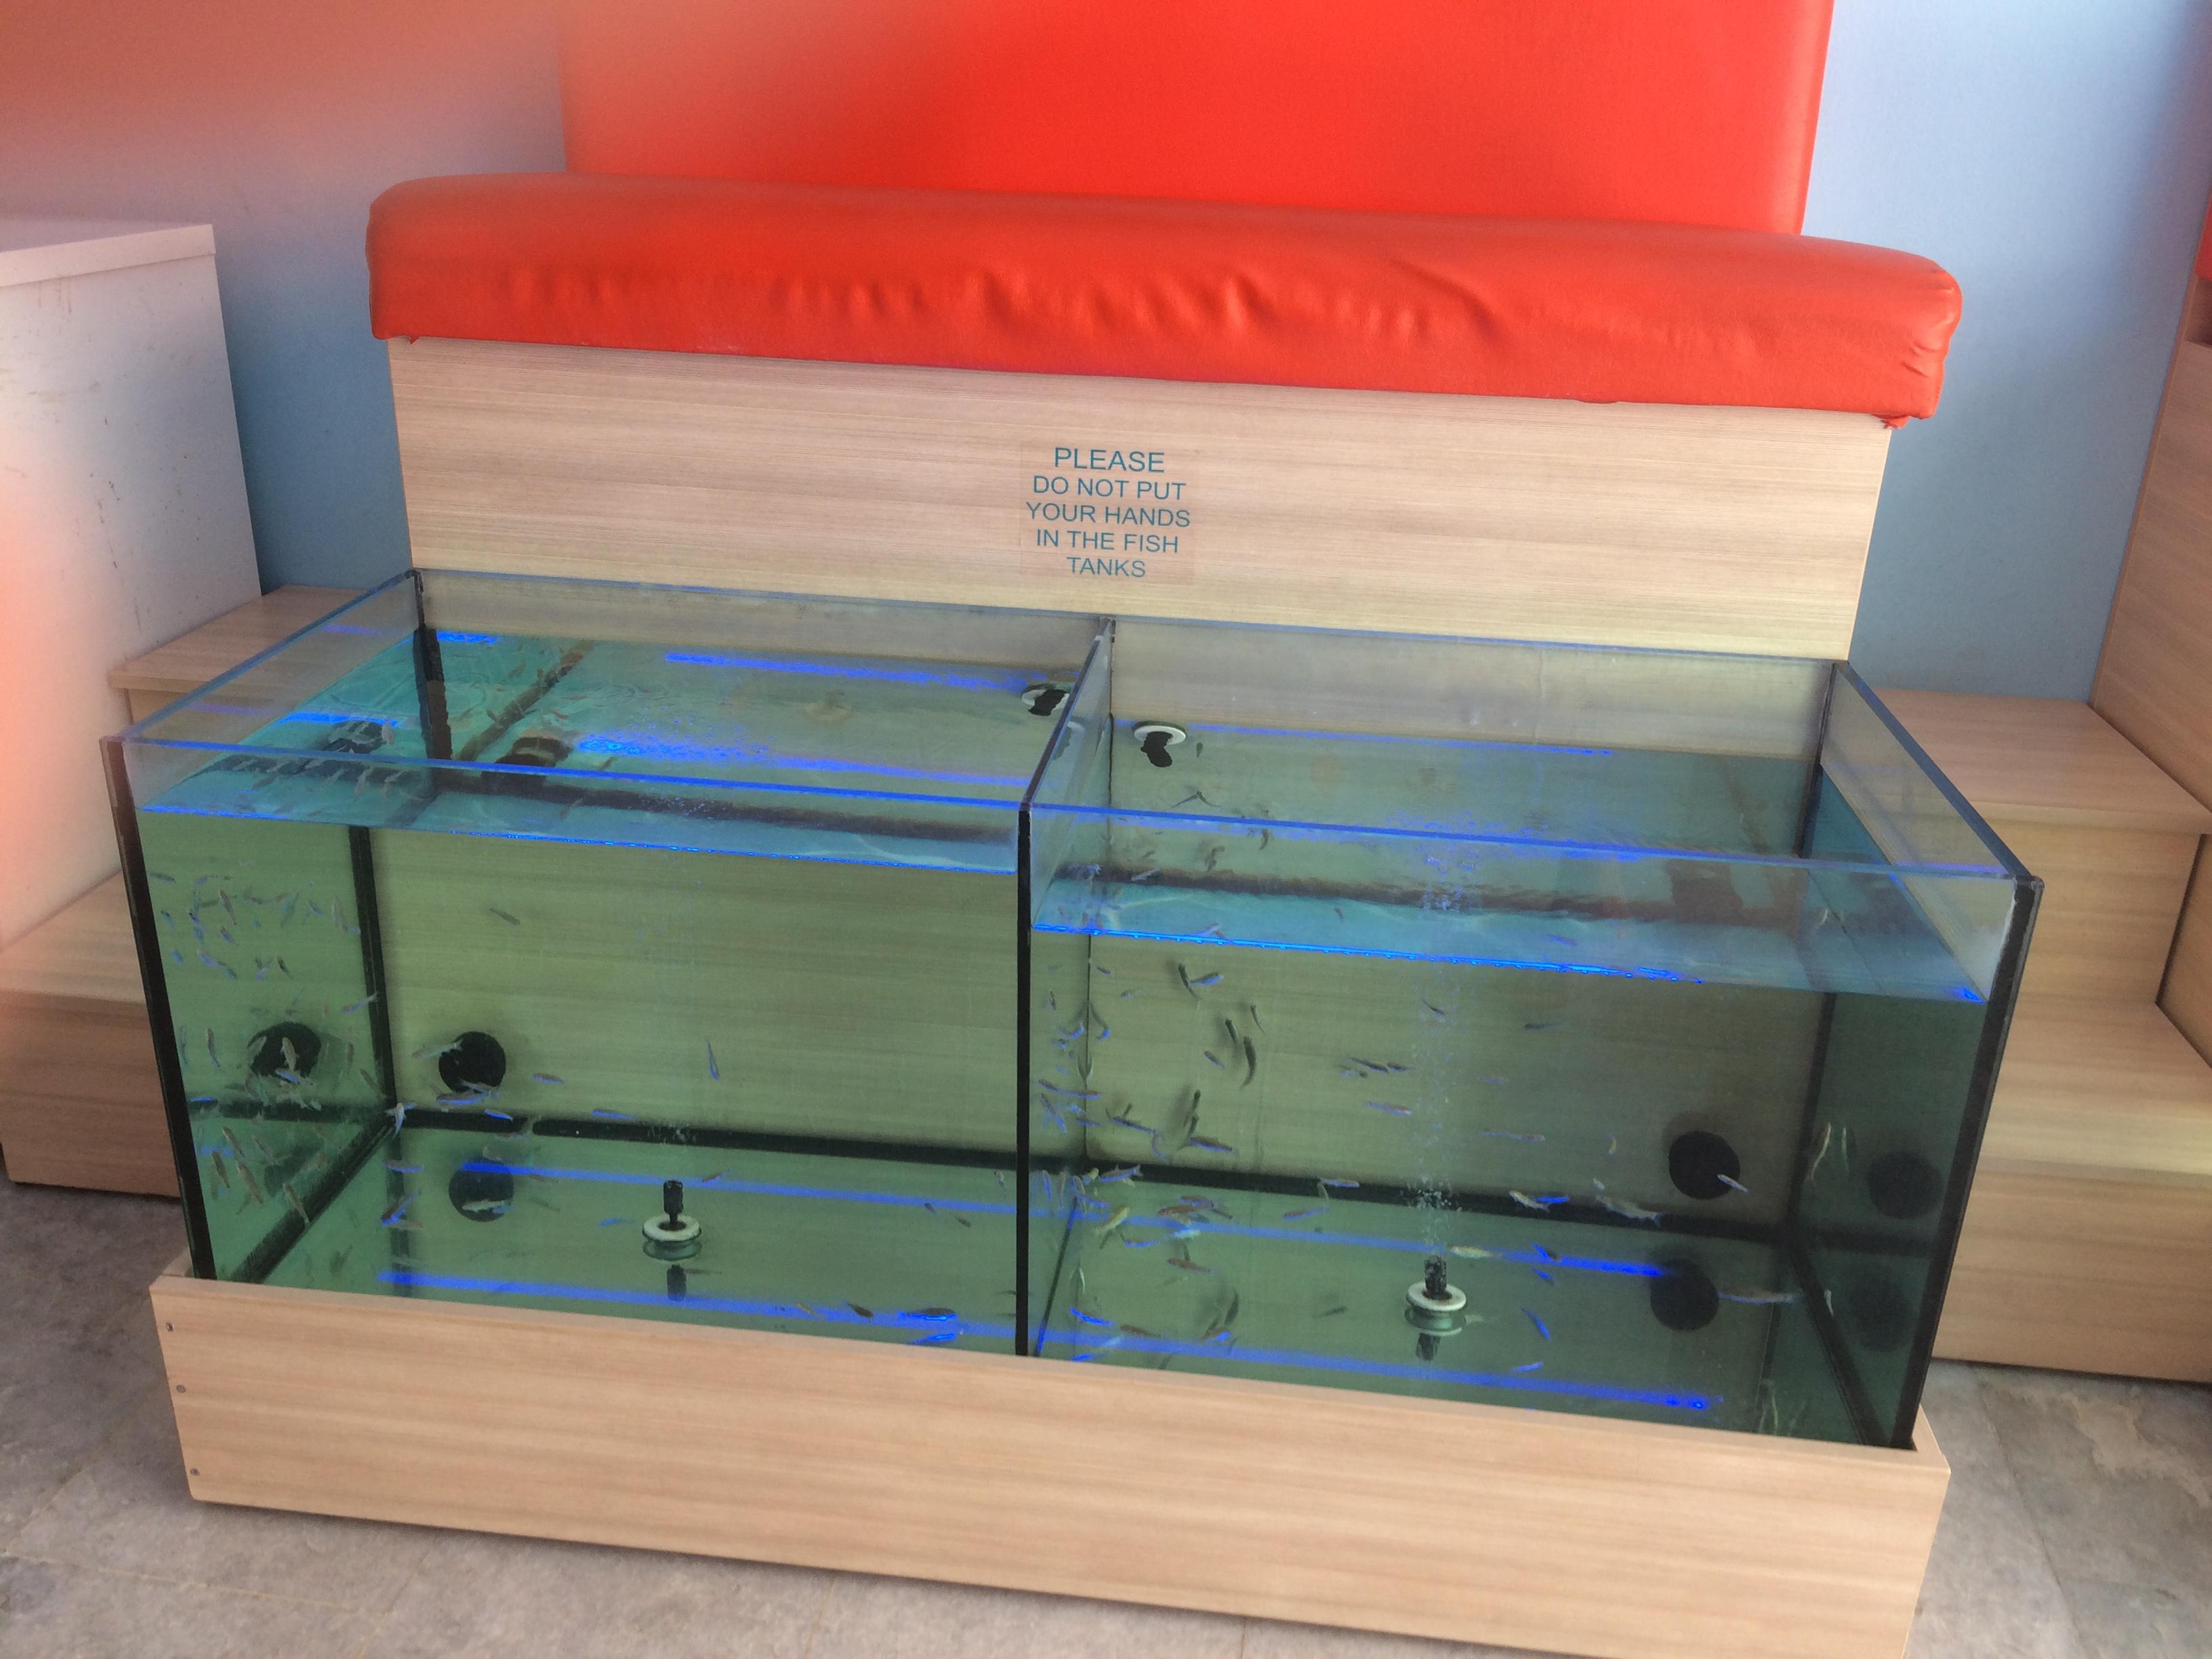 Evexis Fish Spa Bodrum'un Karşısındaki Avrupa Kos Adası – İstanköy